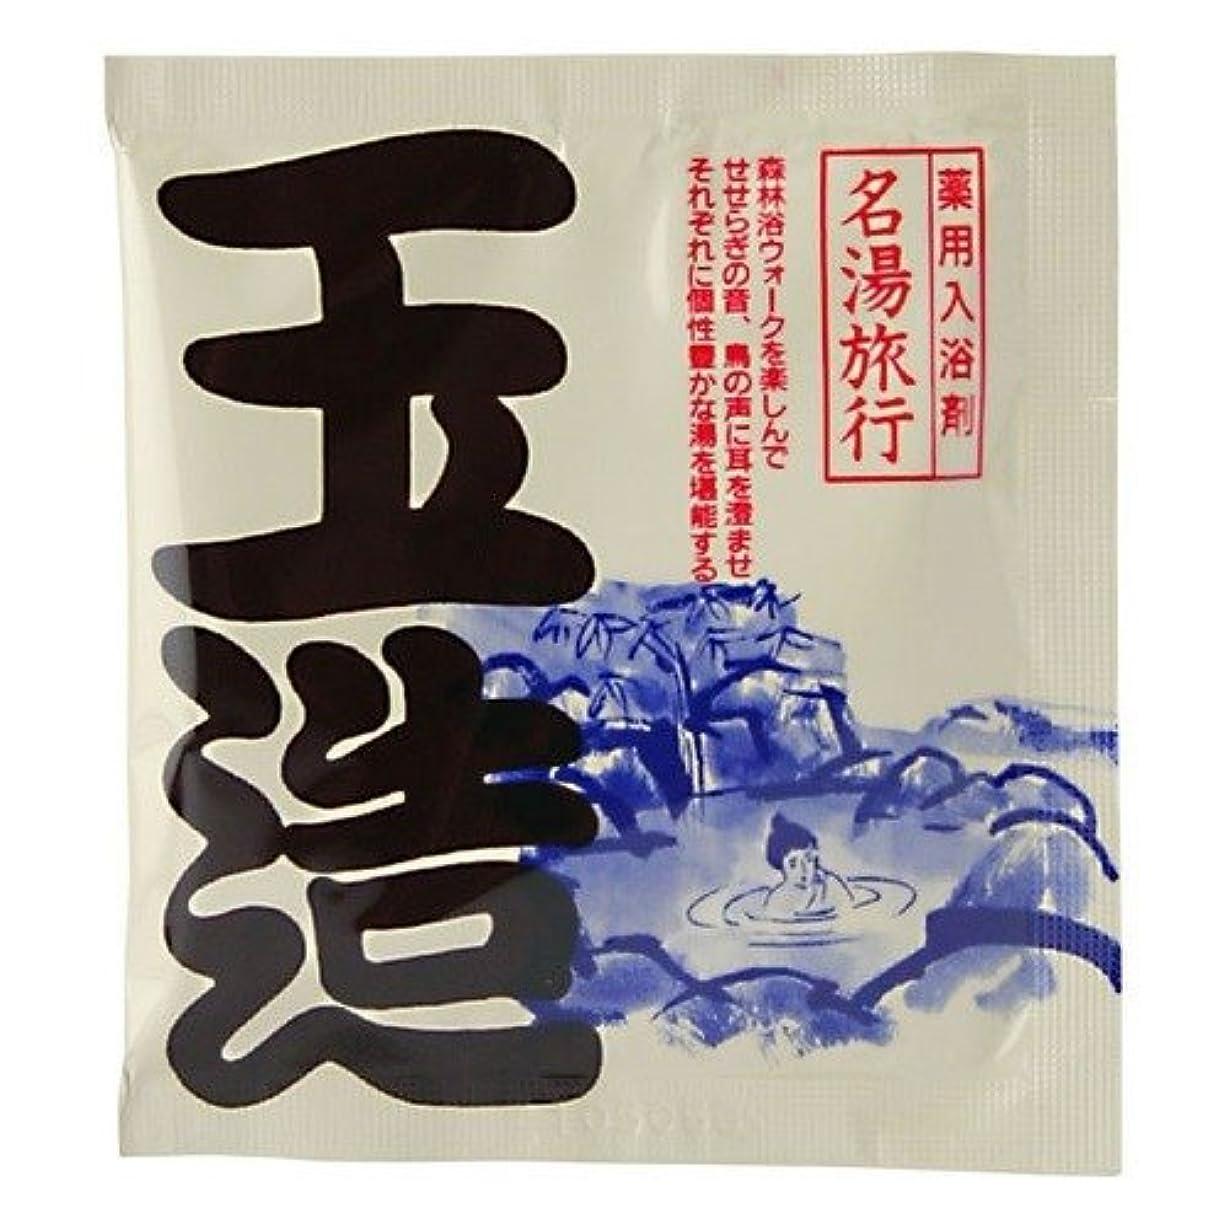 朝ごはんシェル風味五洲薬品 名湯旅行 玉造 25g 4987332126782